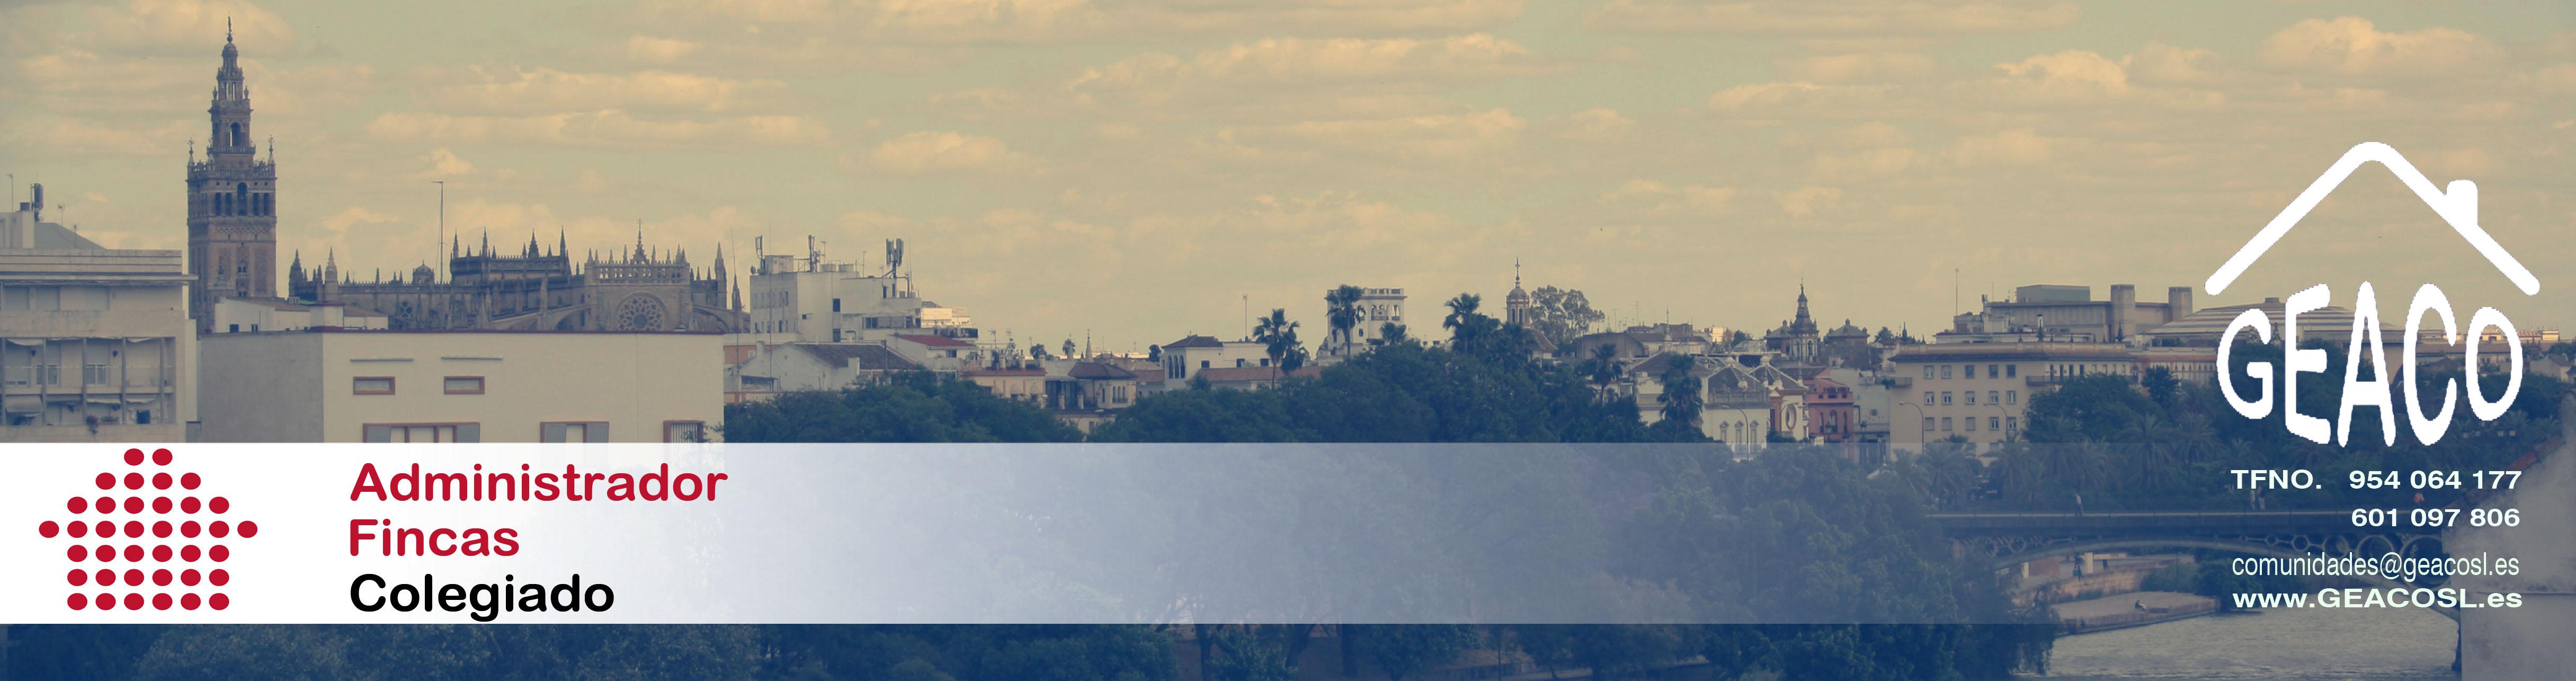 Portada GEACO administracion de fincas Sevilla 3